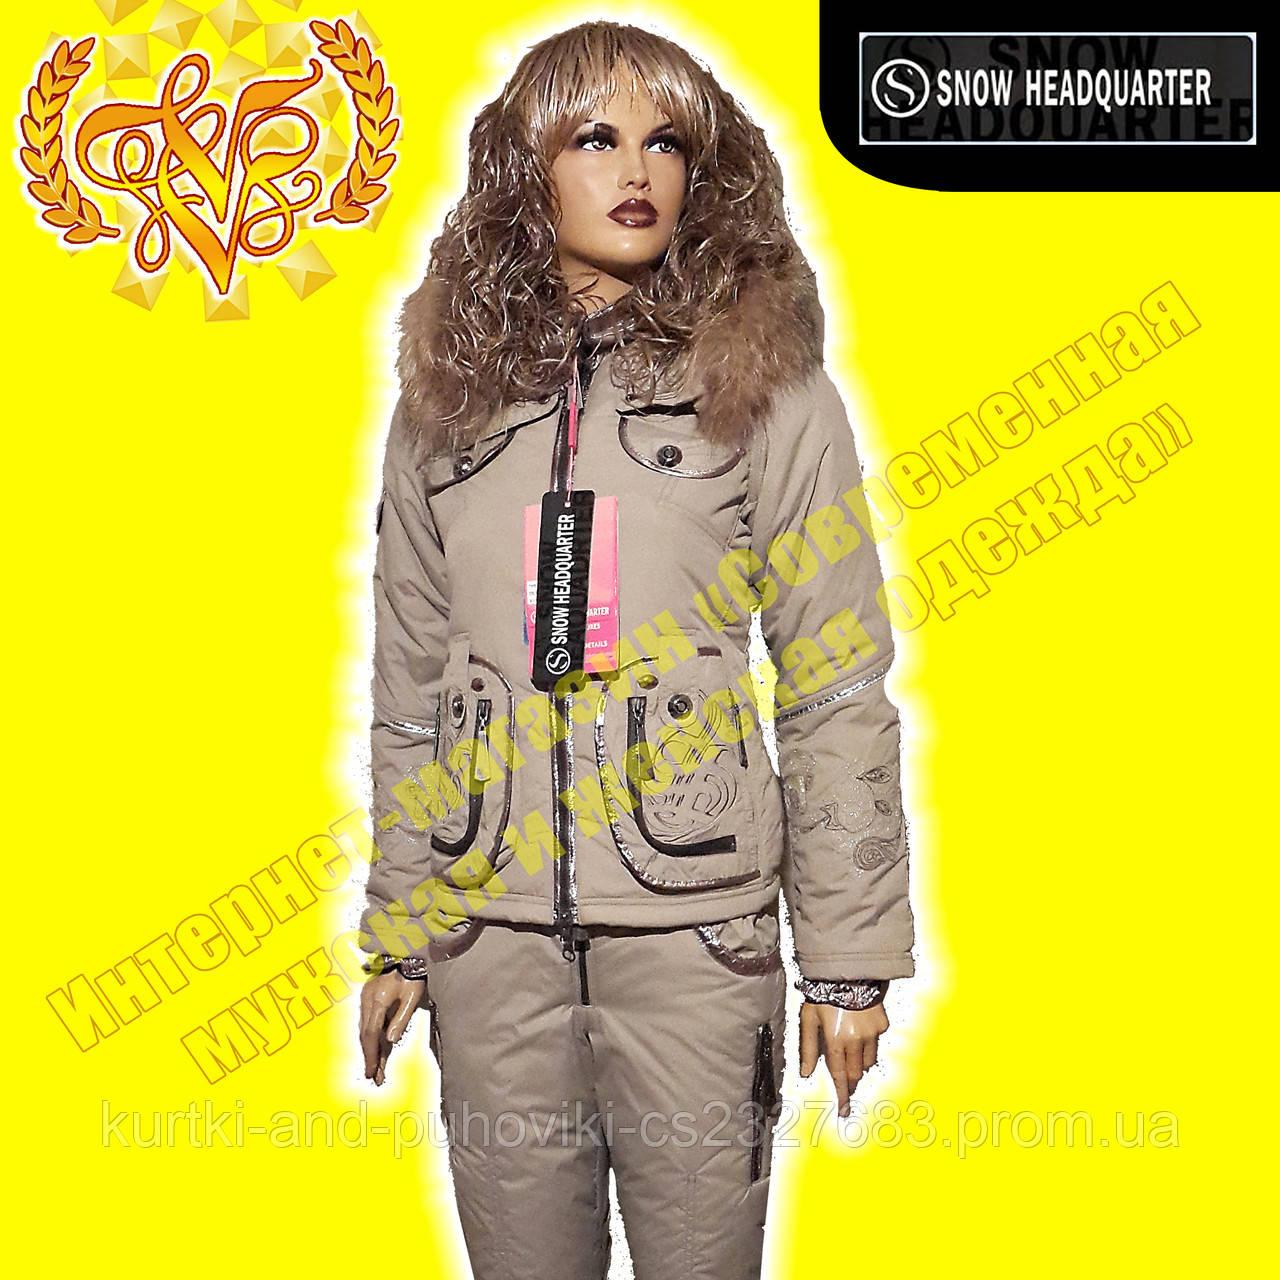 0f5021eda34 Женский прогулочный горнолыжный костюм SNOW HEADQUARTER Beige - Интернет-магазин  «Современная мужская и женская